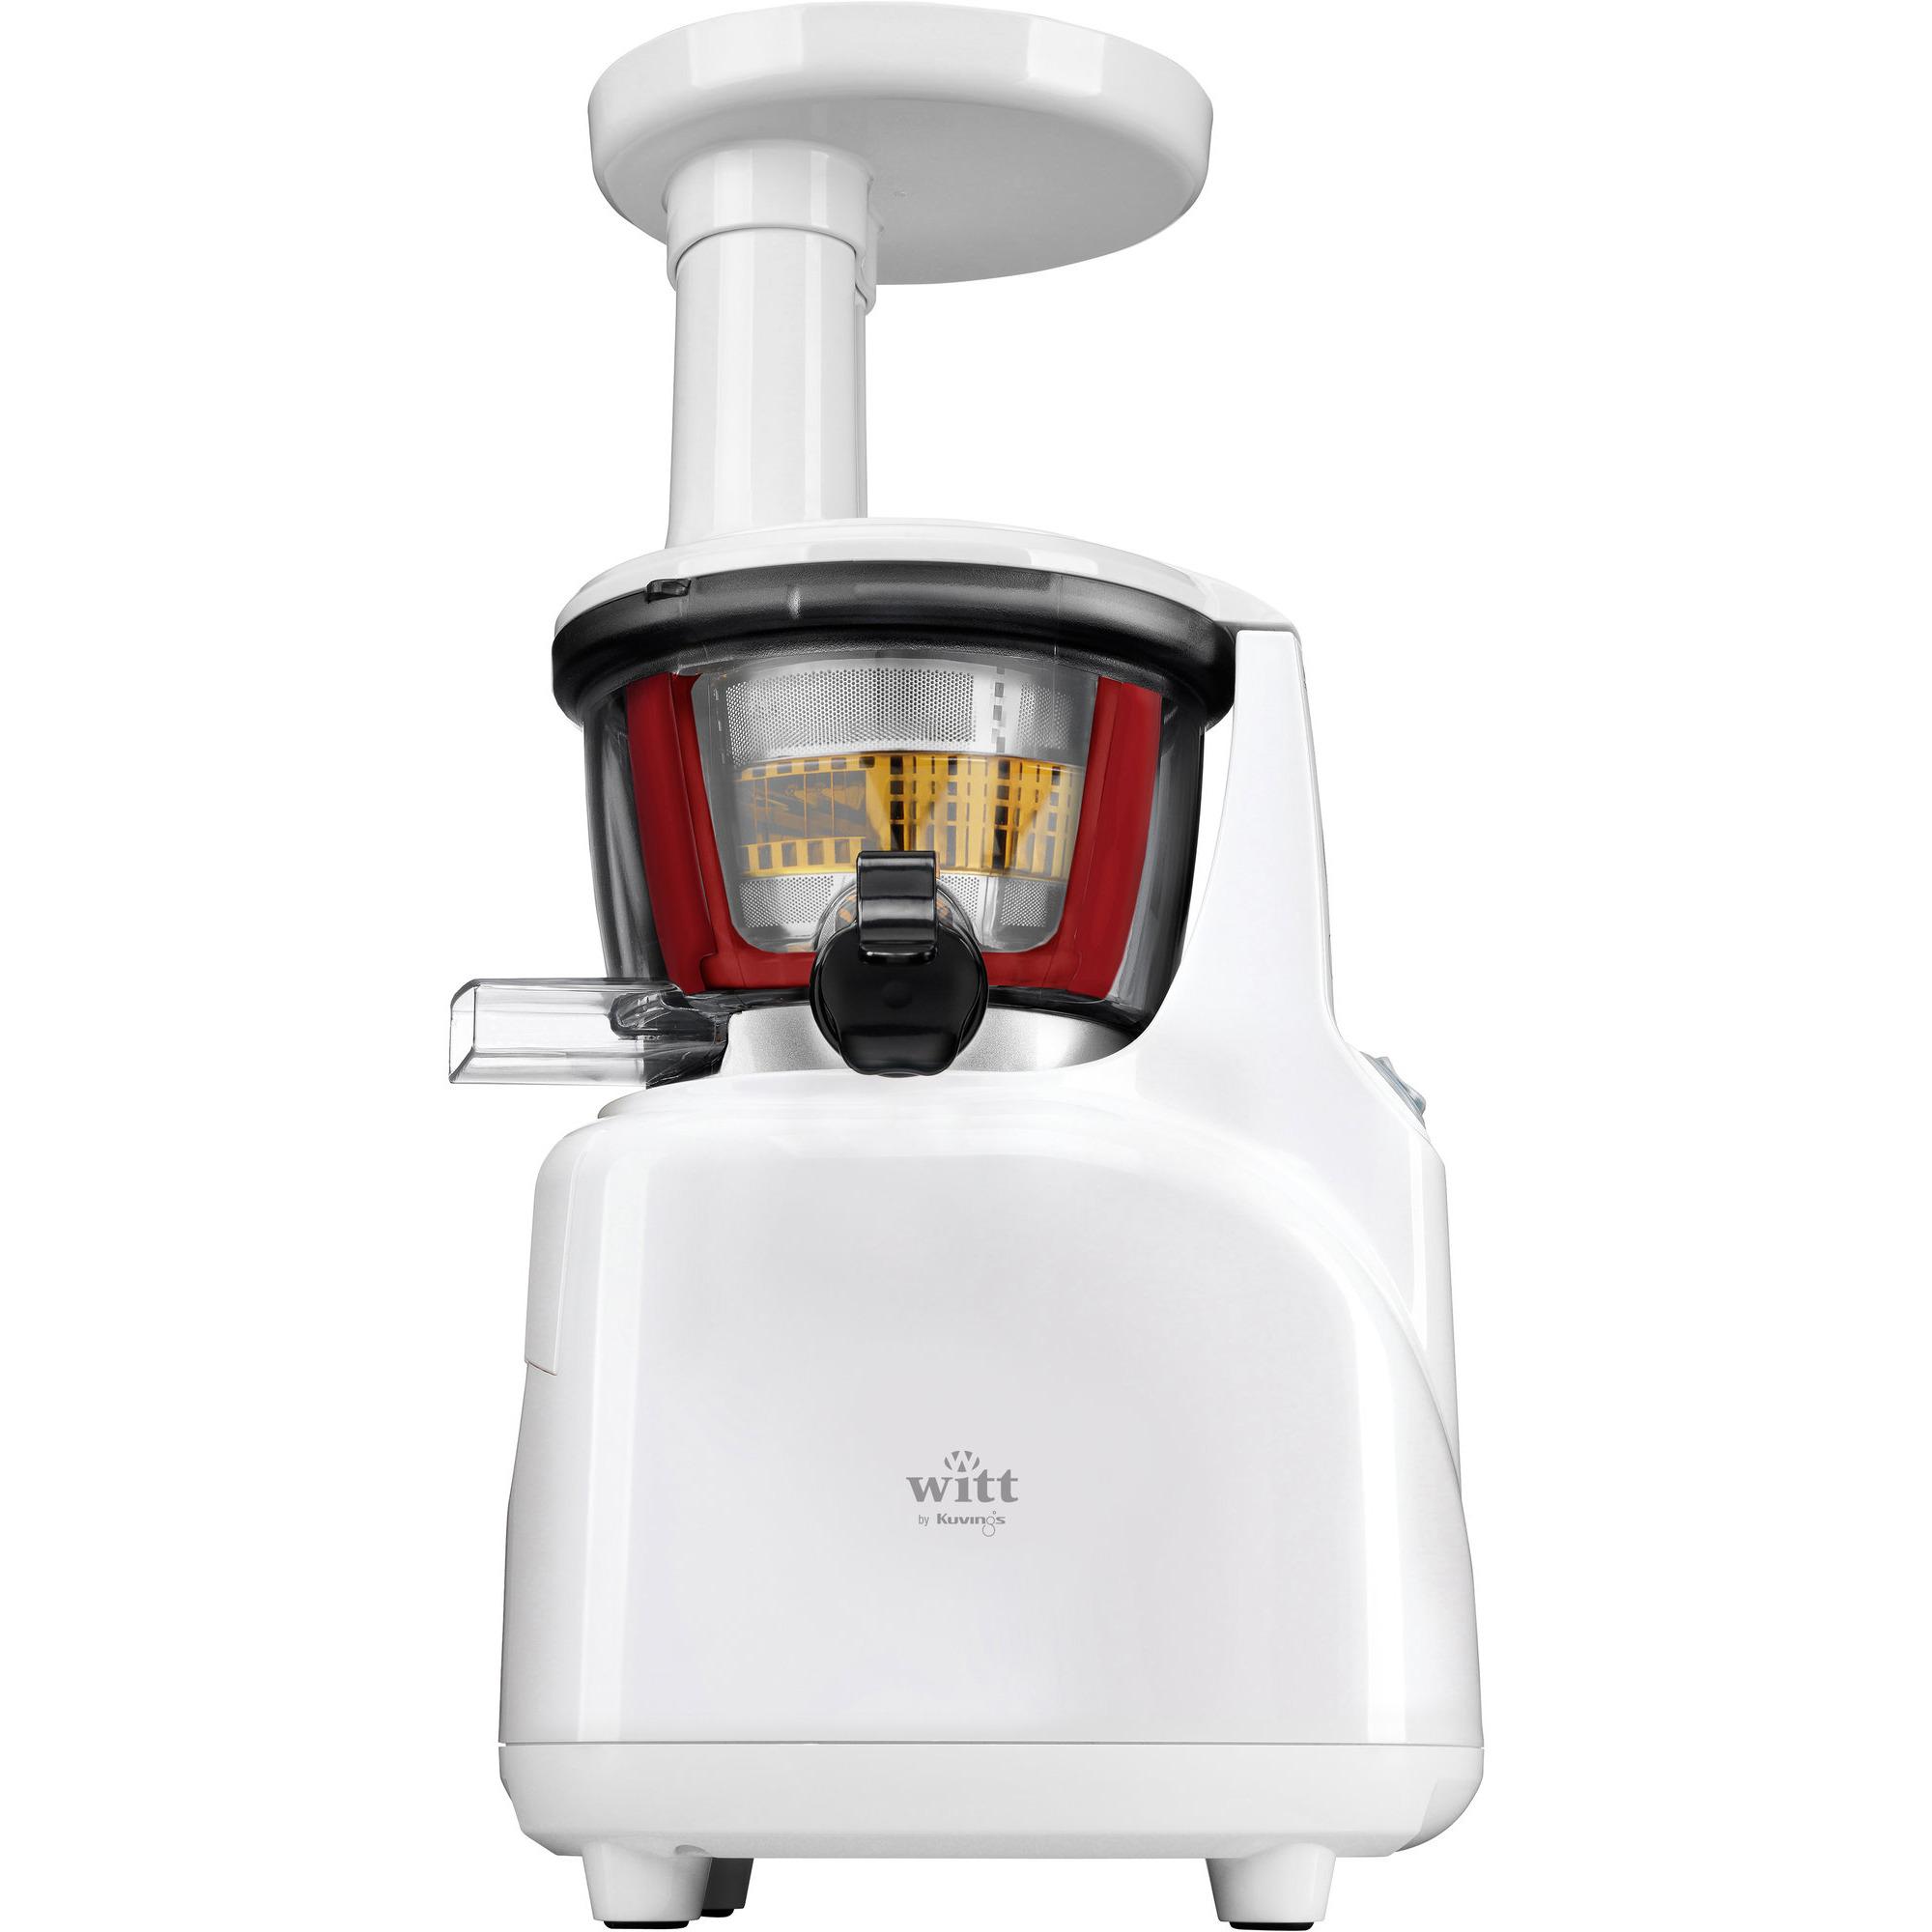 Slowjuicer Witt By Kuvings Tilbud : Kjop B5100W Silent Slow Juicer hvit fra Witt by Kuvings